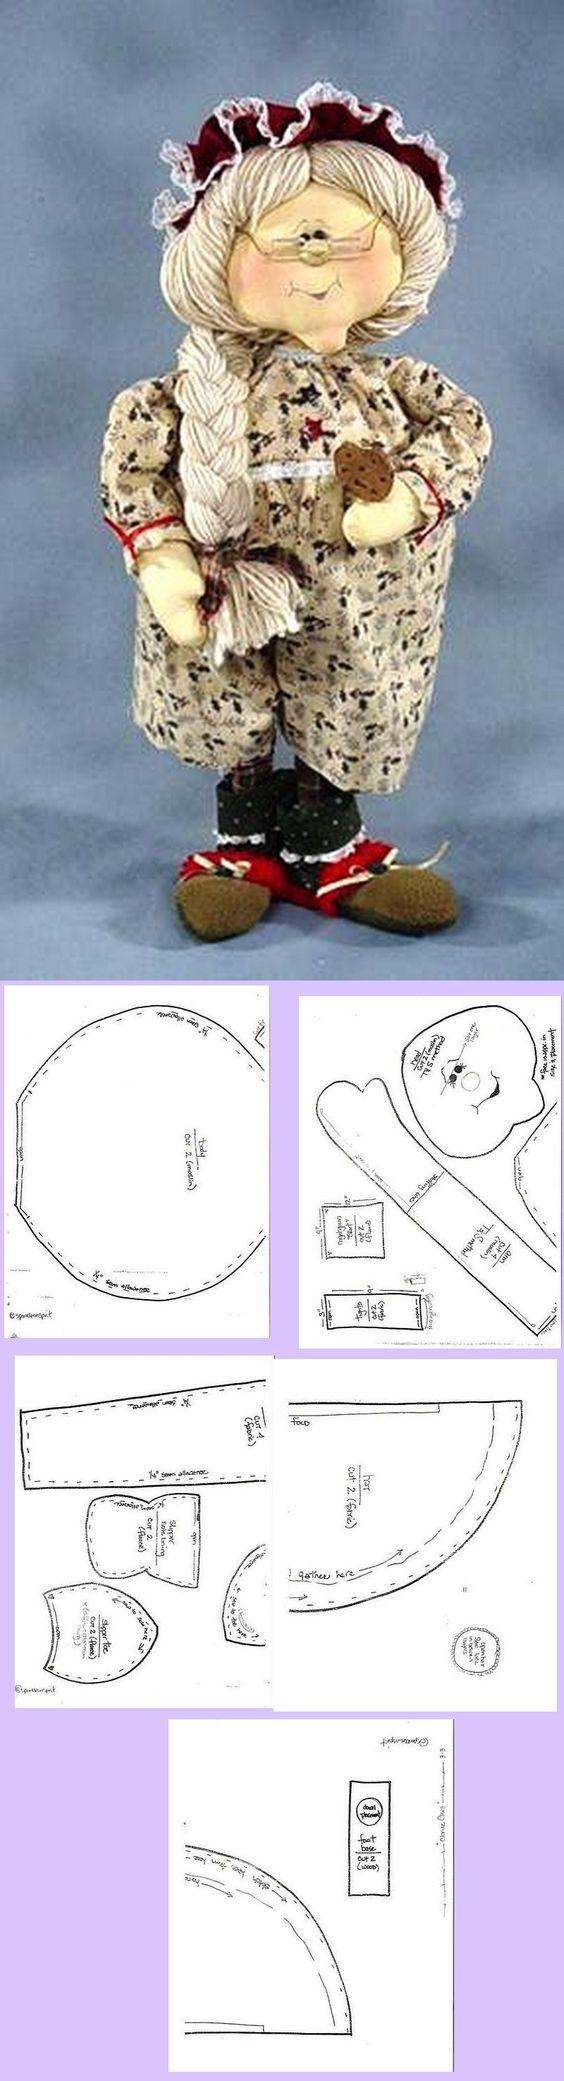 grandma Ragdoll pattern free /: